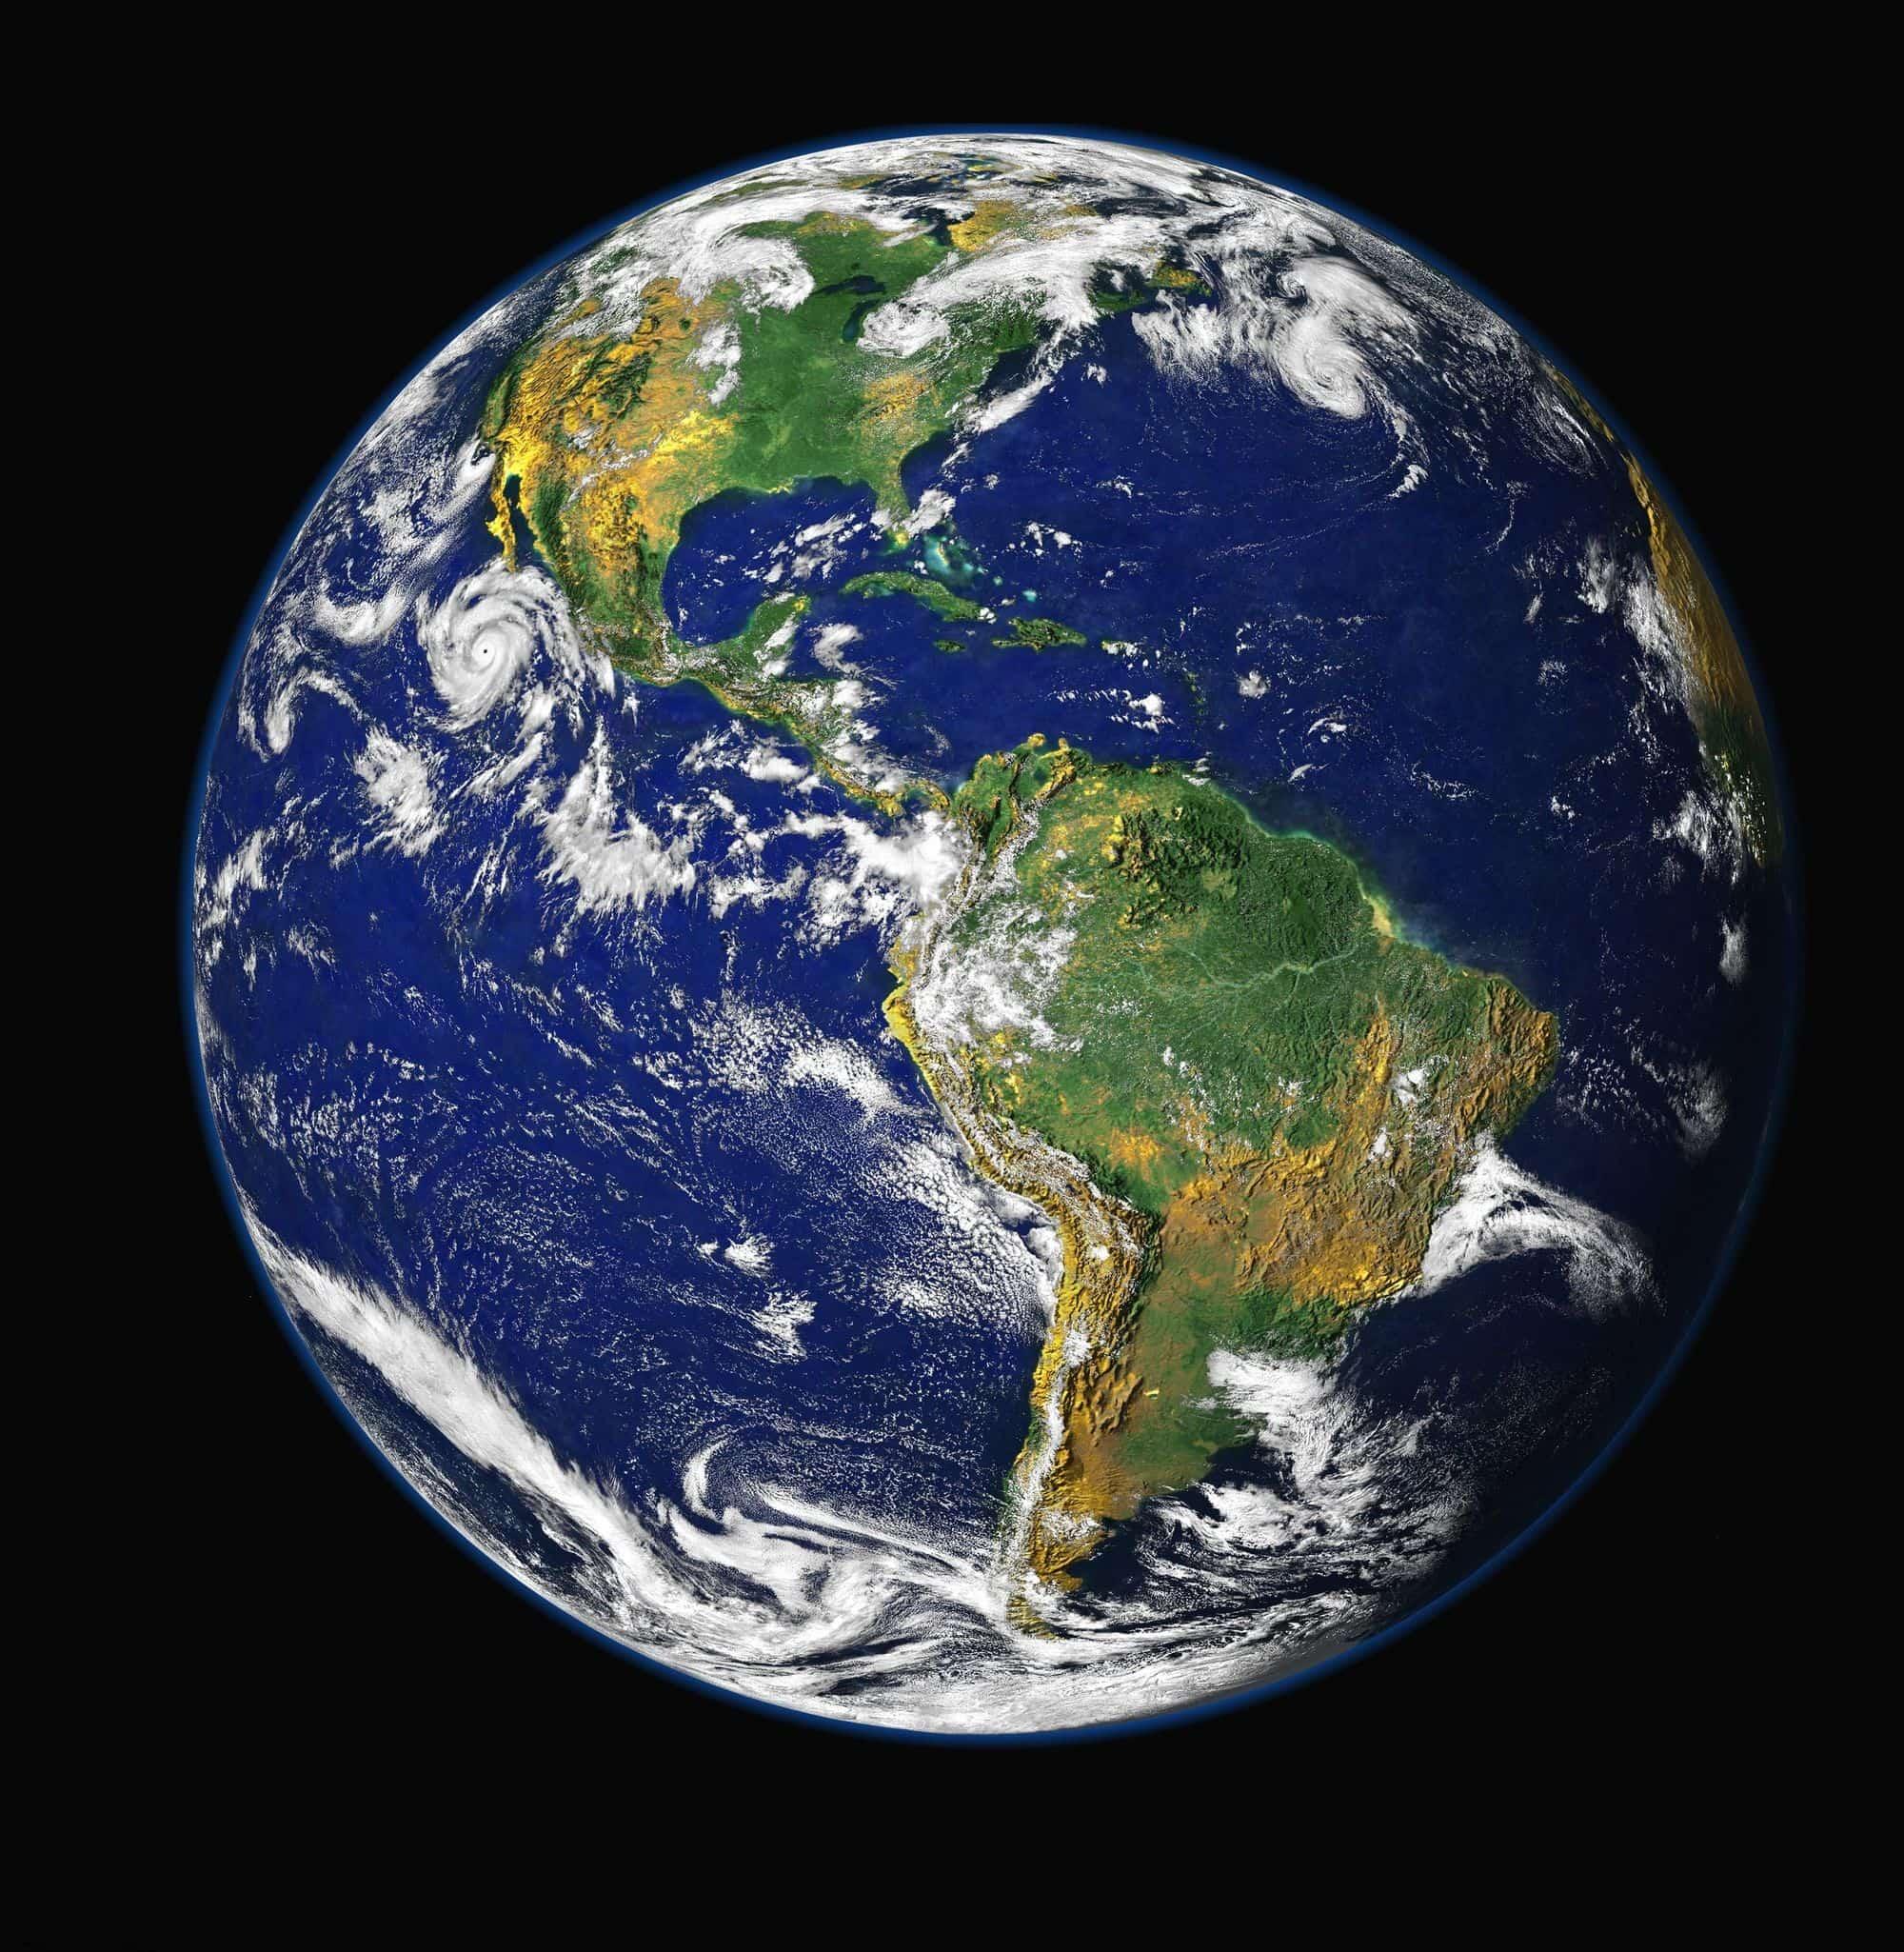 ماذا سيحدث لو بدأت الأرض بالدوران بسرعة أكبر؟